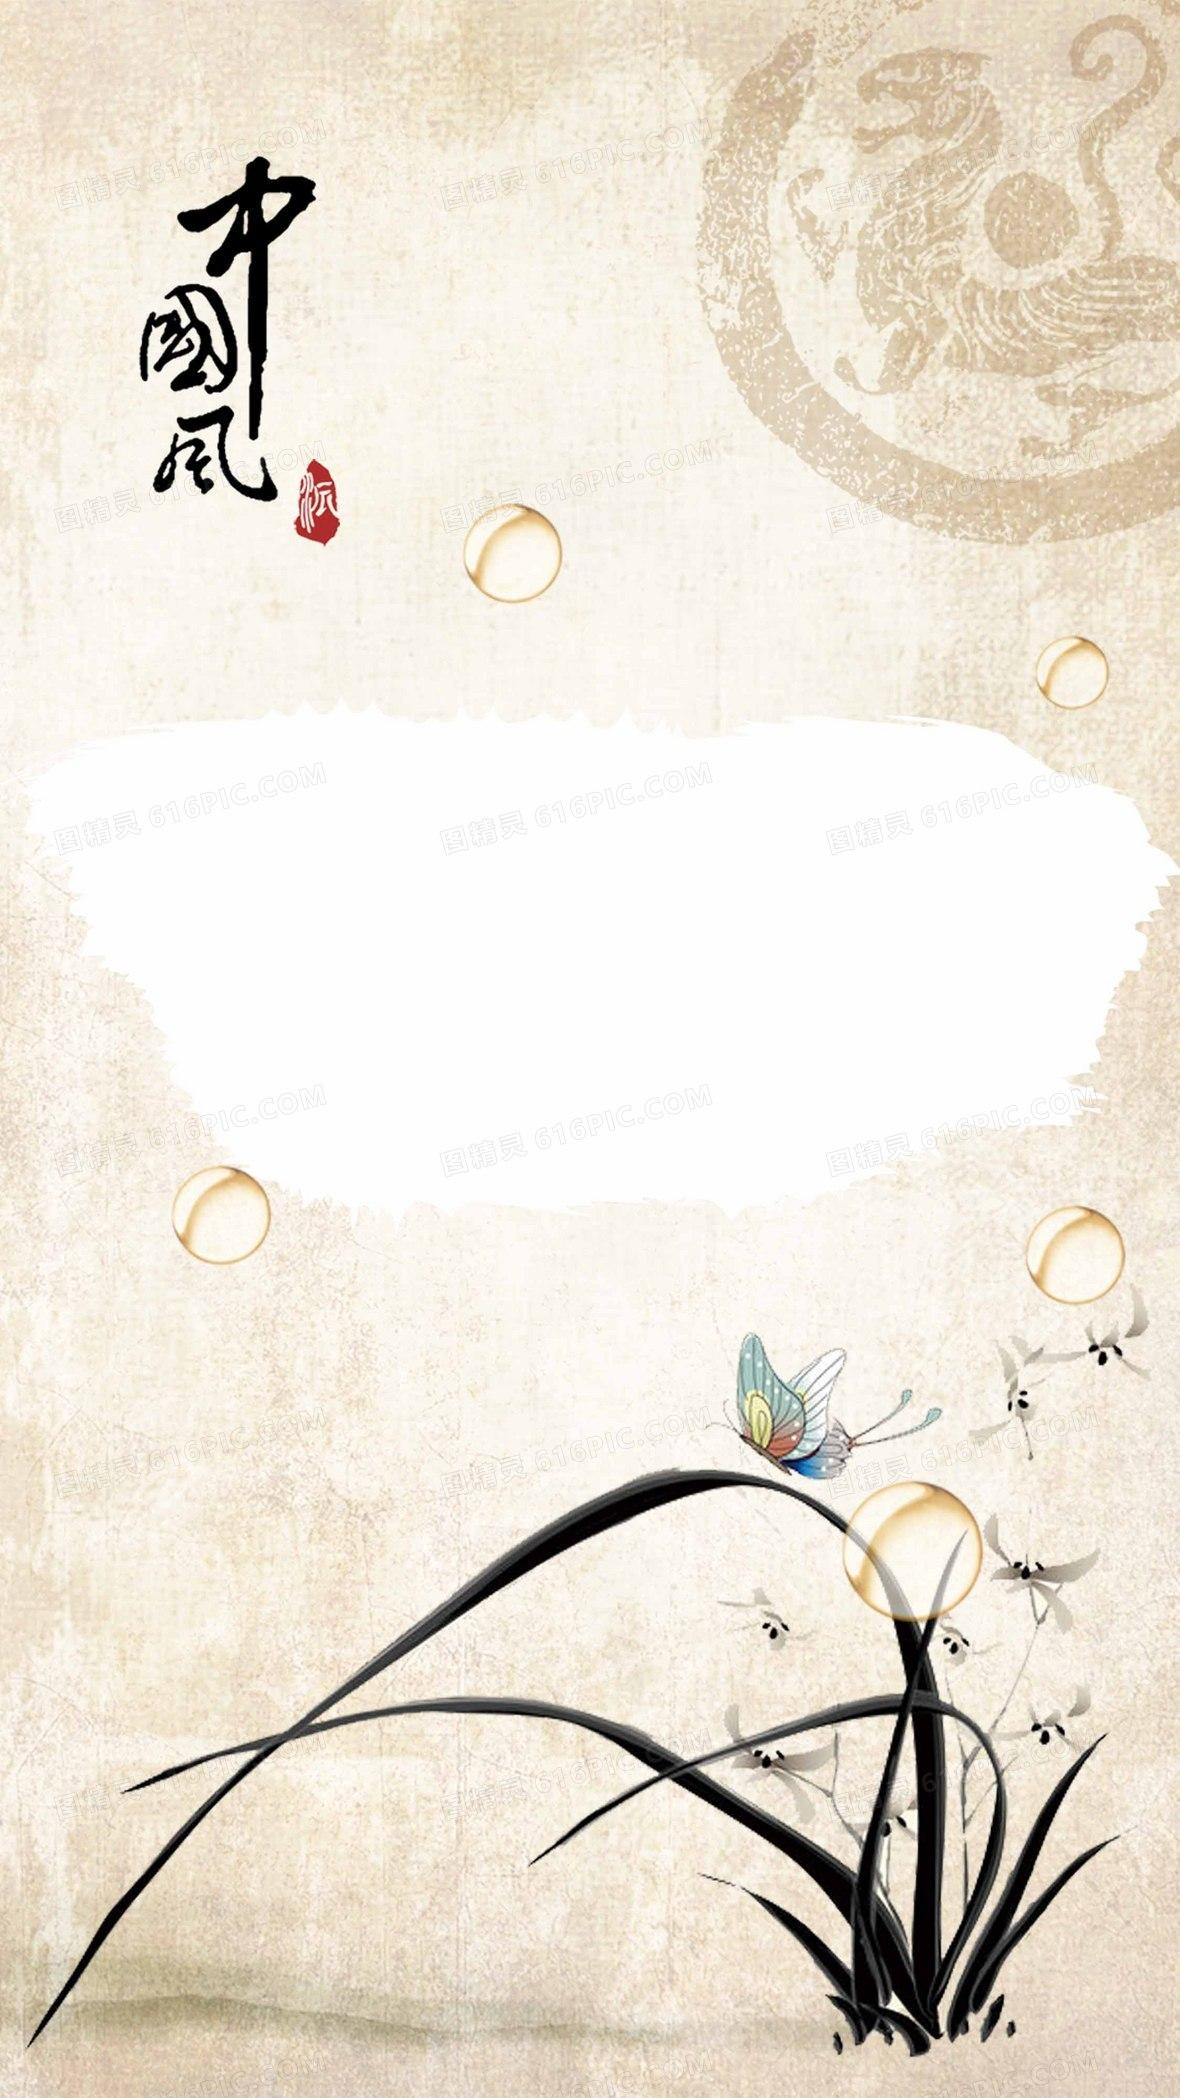 淡雅中国风兰花海报背景模板